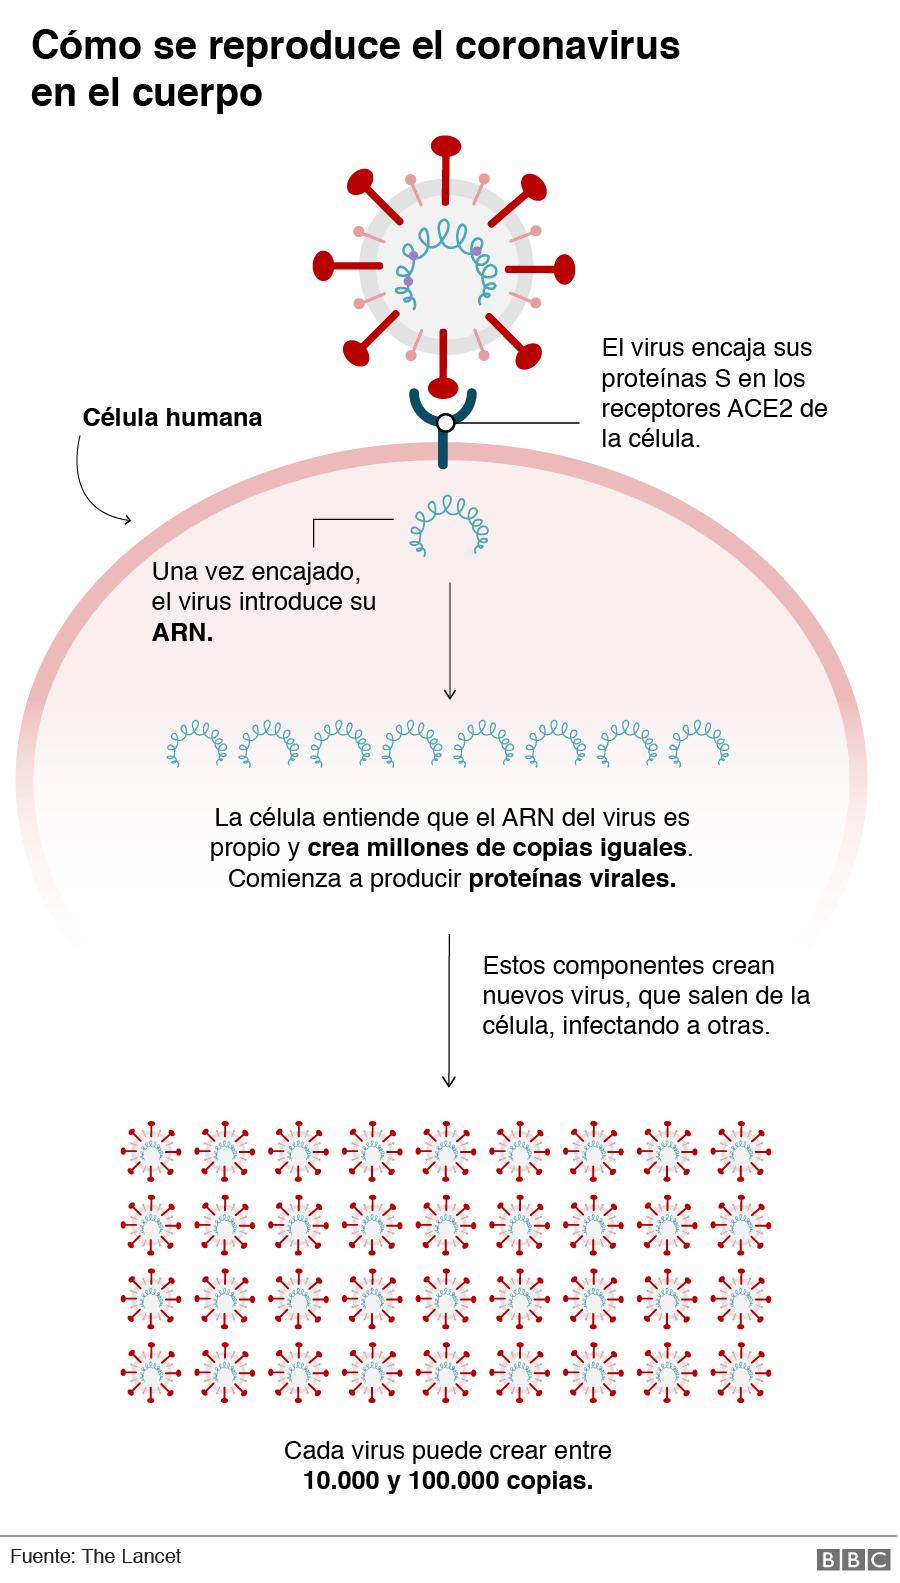 Cómo entra el coronavirus al cuerpo